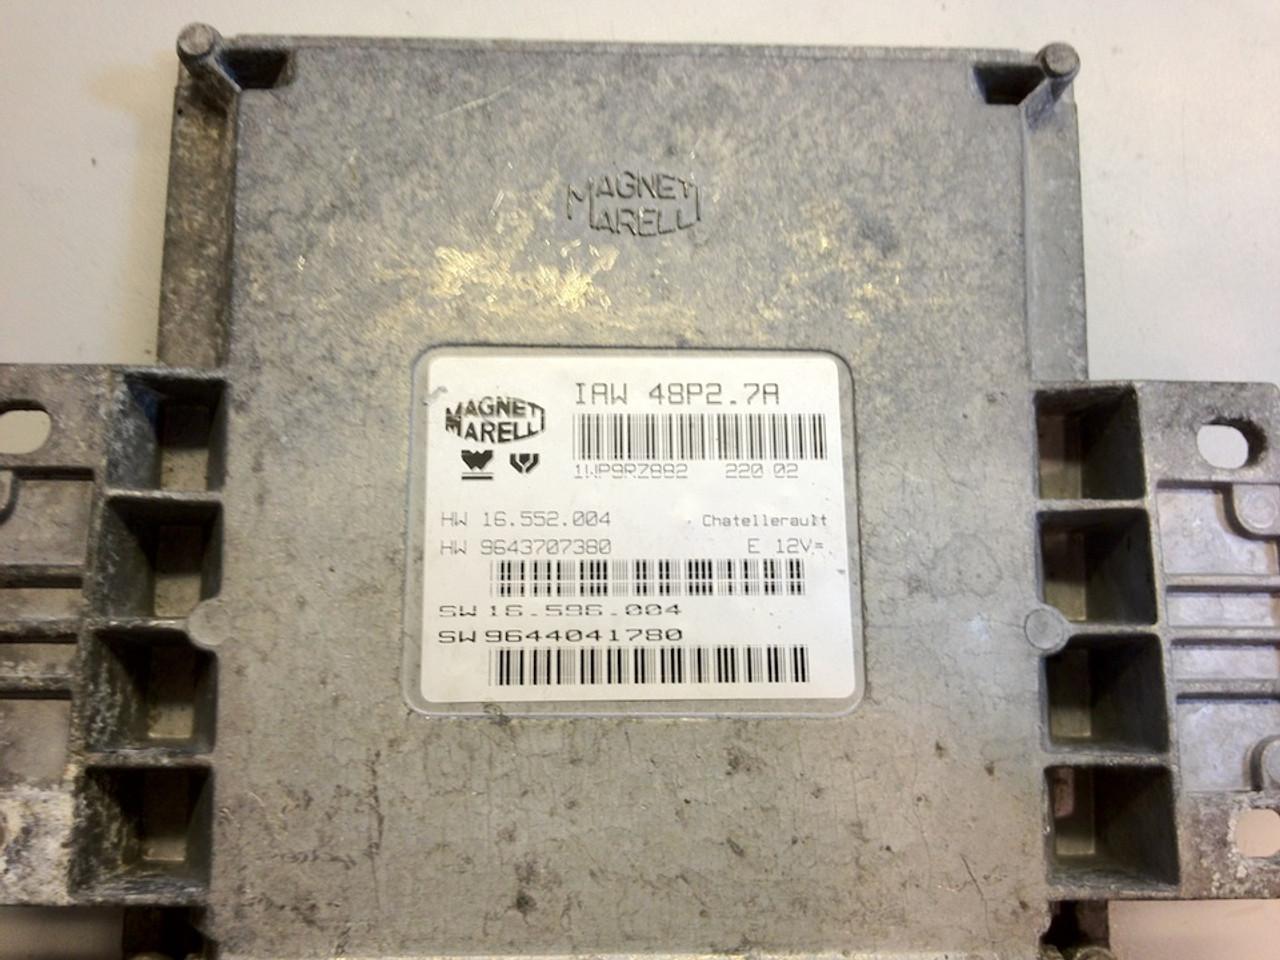 Magneti Marelli, IAW 48P2.7A, HW 16.552.004, HW 9643707380, SW 16.596.044, SW 9644041780